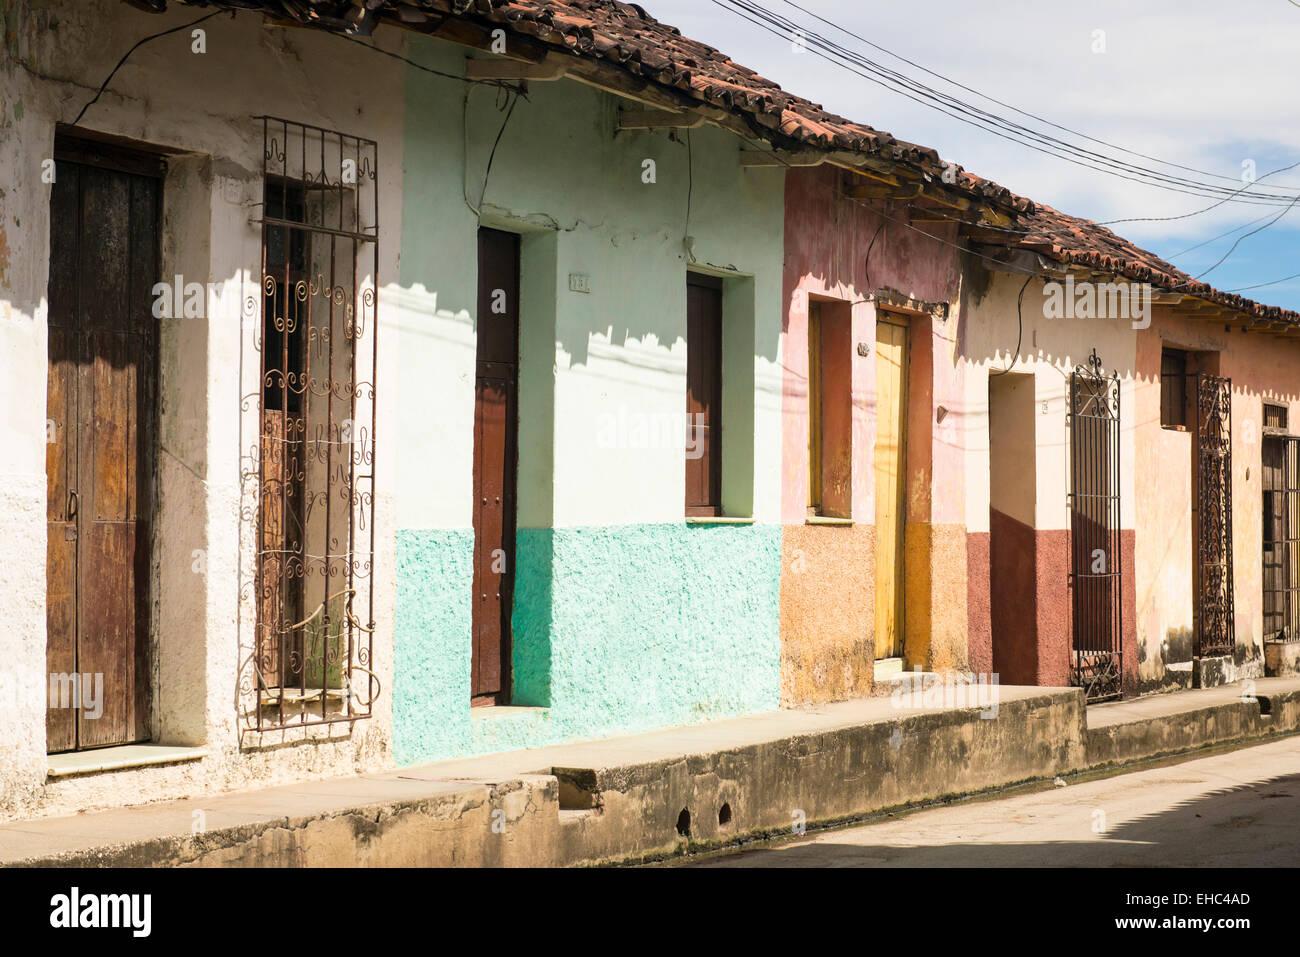 Cuba Sancti Spiritus Ciudad Vieja Calle Típica Escena